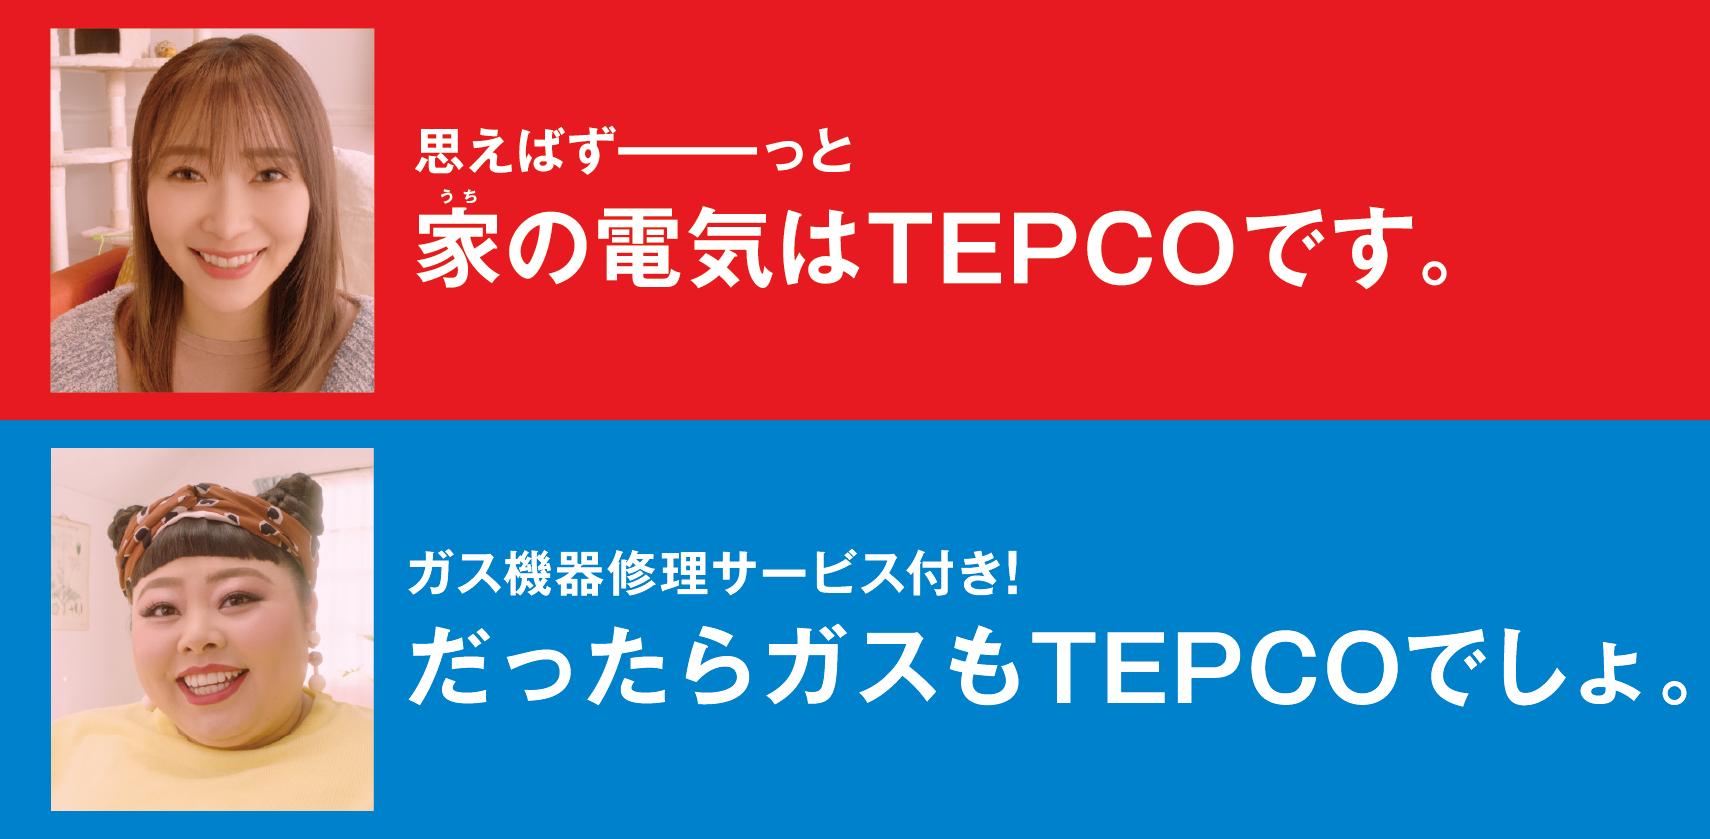 思えばずーーっと家の電気はTEPCOです。ガス機器修理サービス付き!だったらガスもTEPCOでしょ。